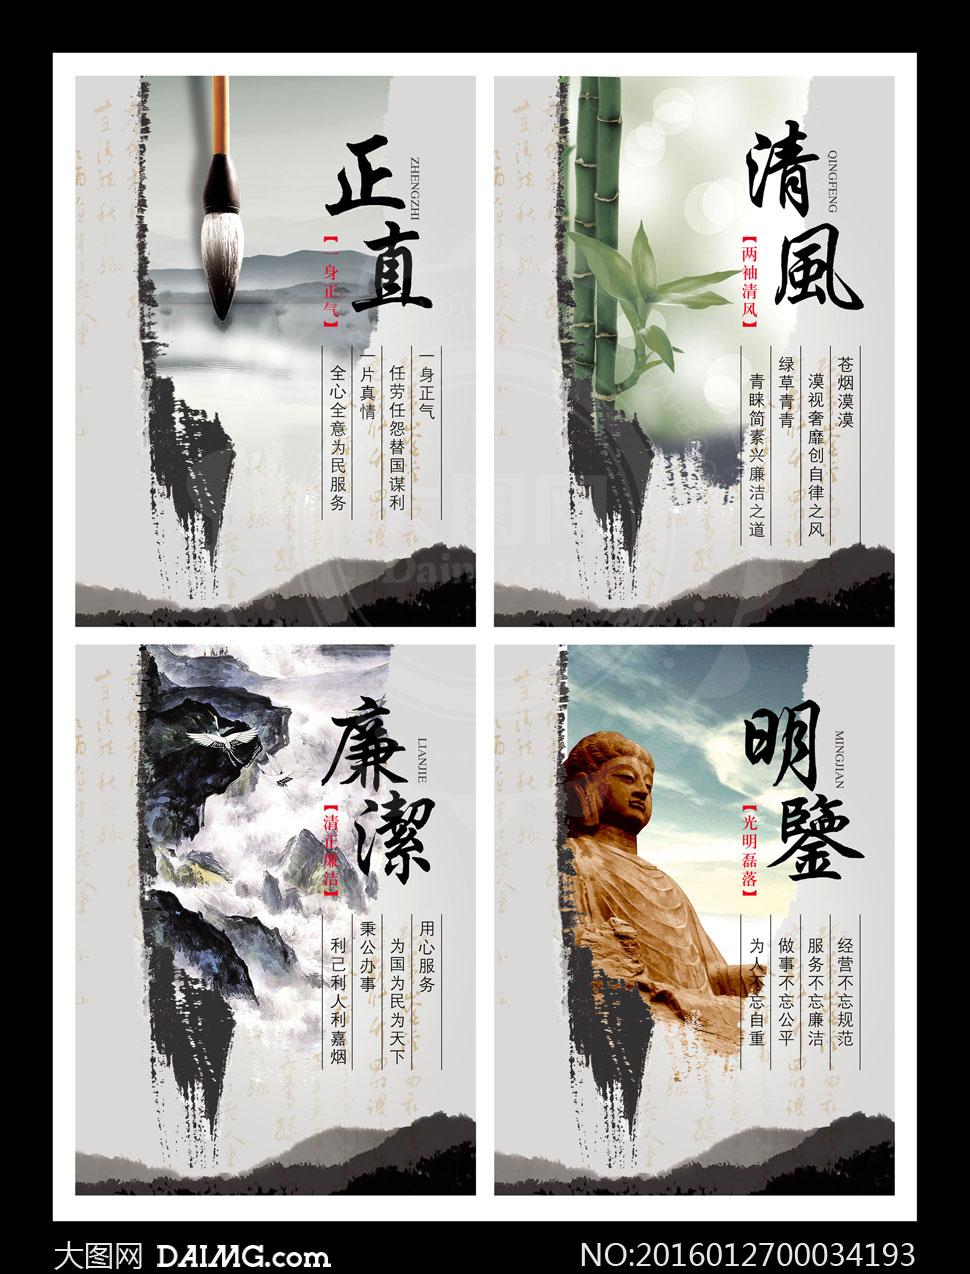 中国风廉政文化展板设计模板psd素材